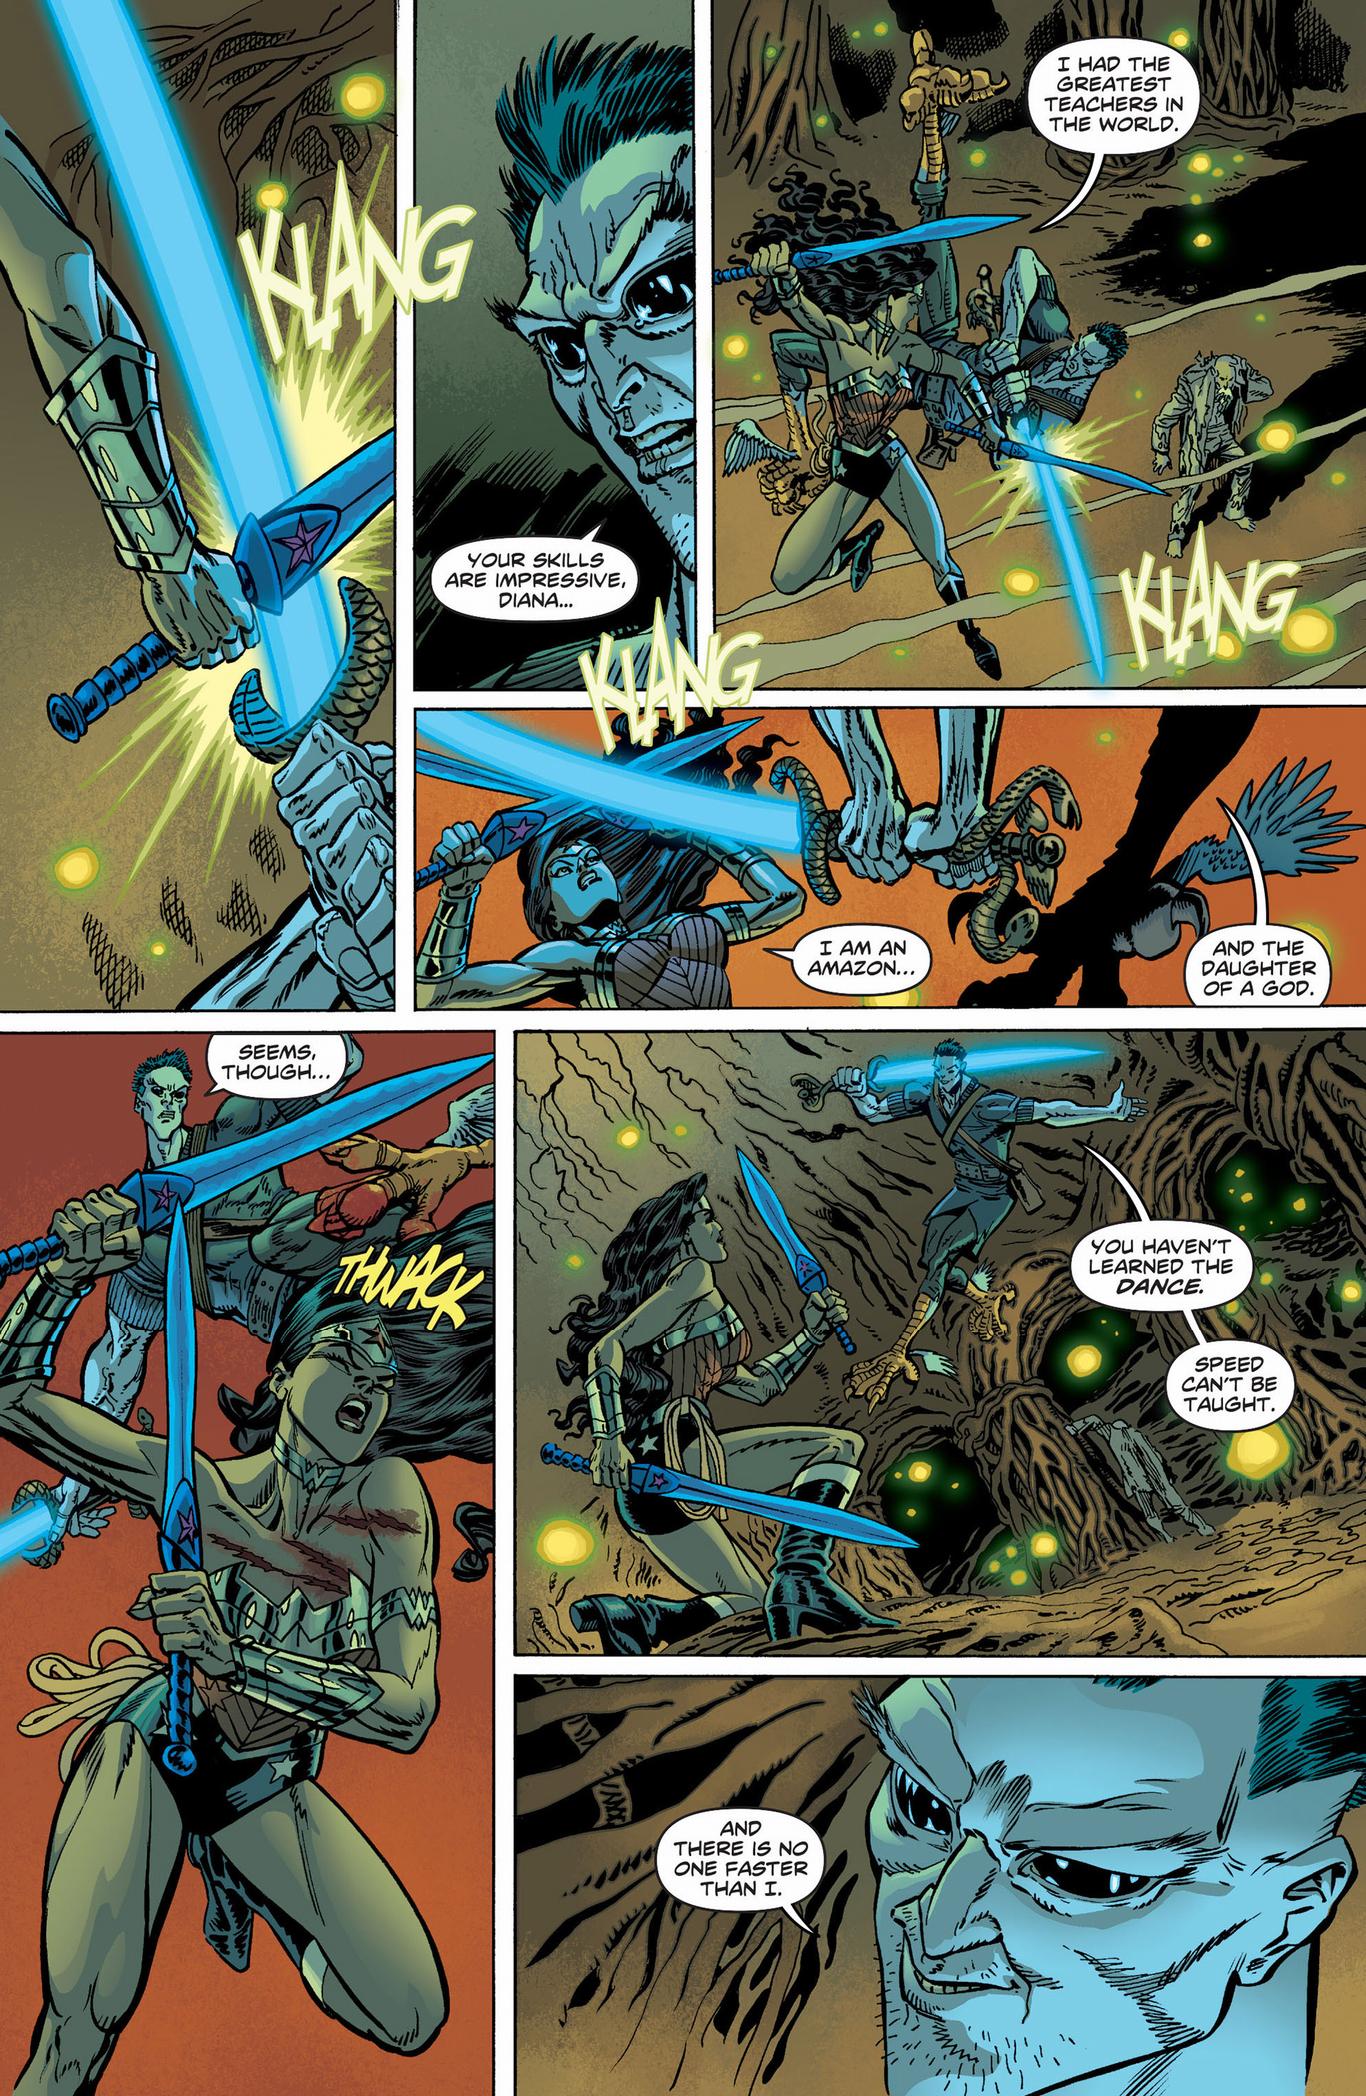 Wonder Woman Vs Hermes  Comicnewbies-1049